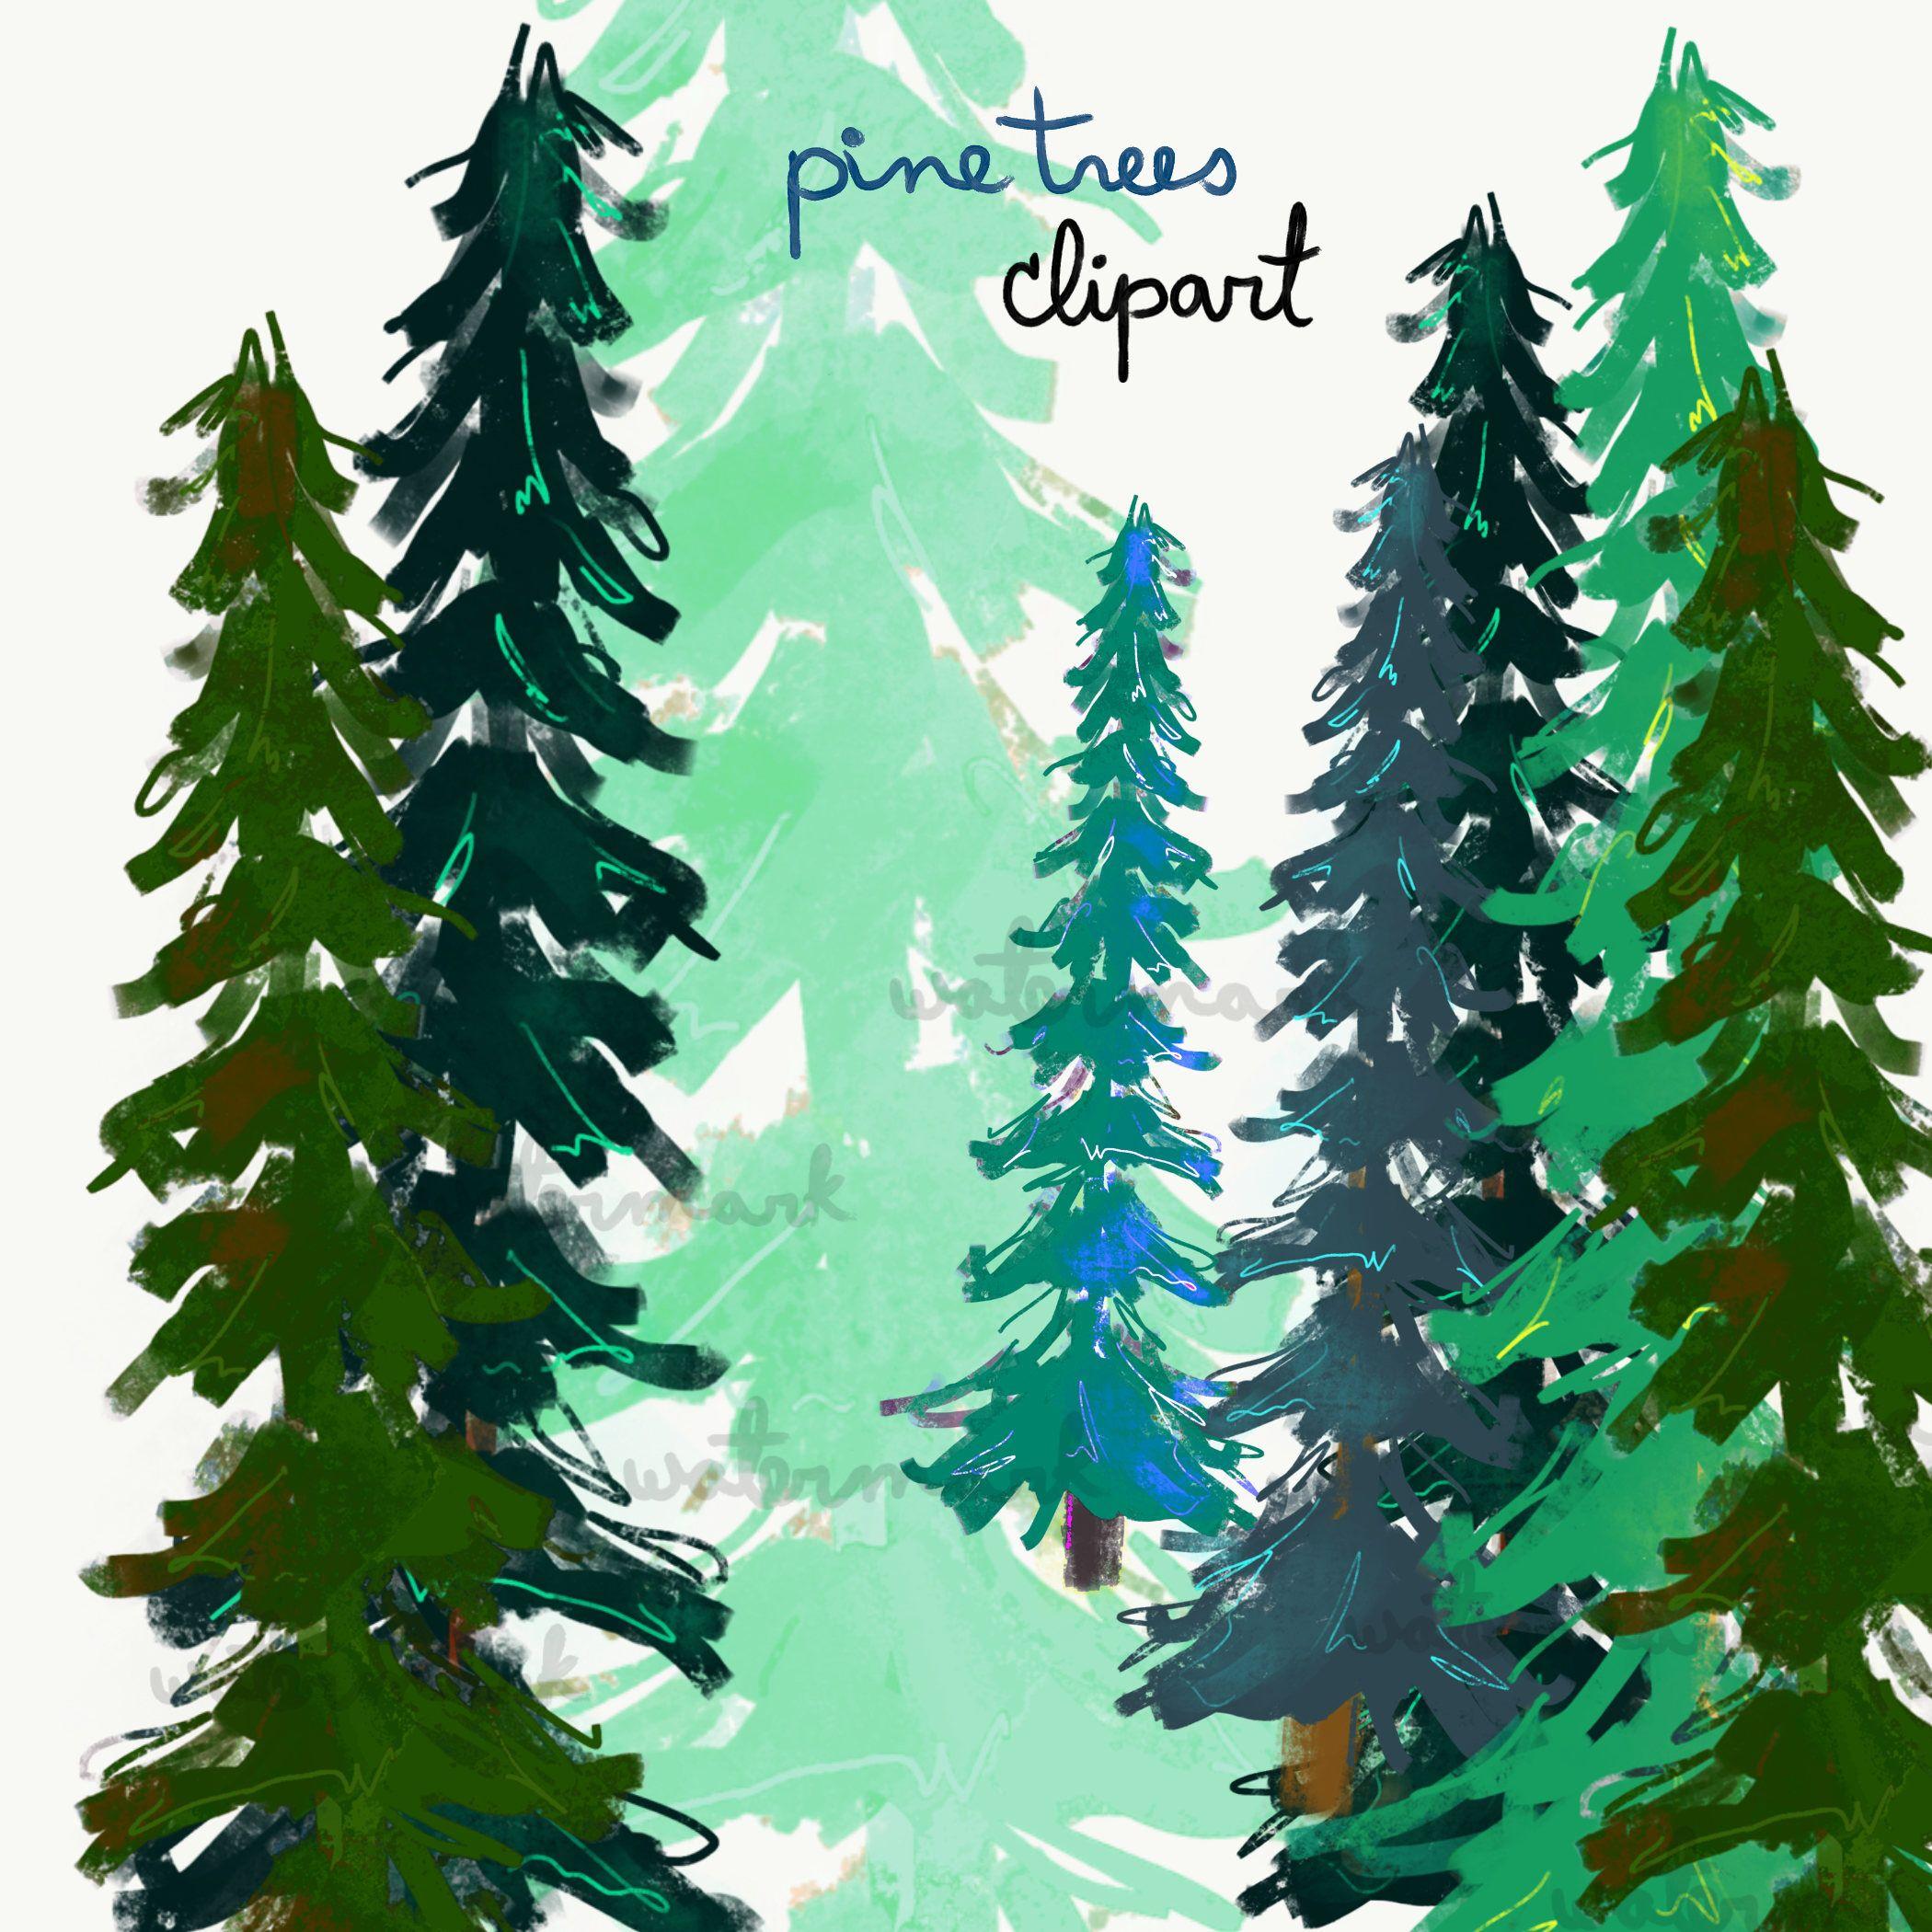 Pine Tree Clip Art Elements Pine, Coniferous Trees Clipart Set